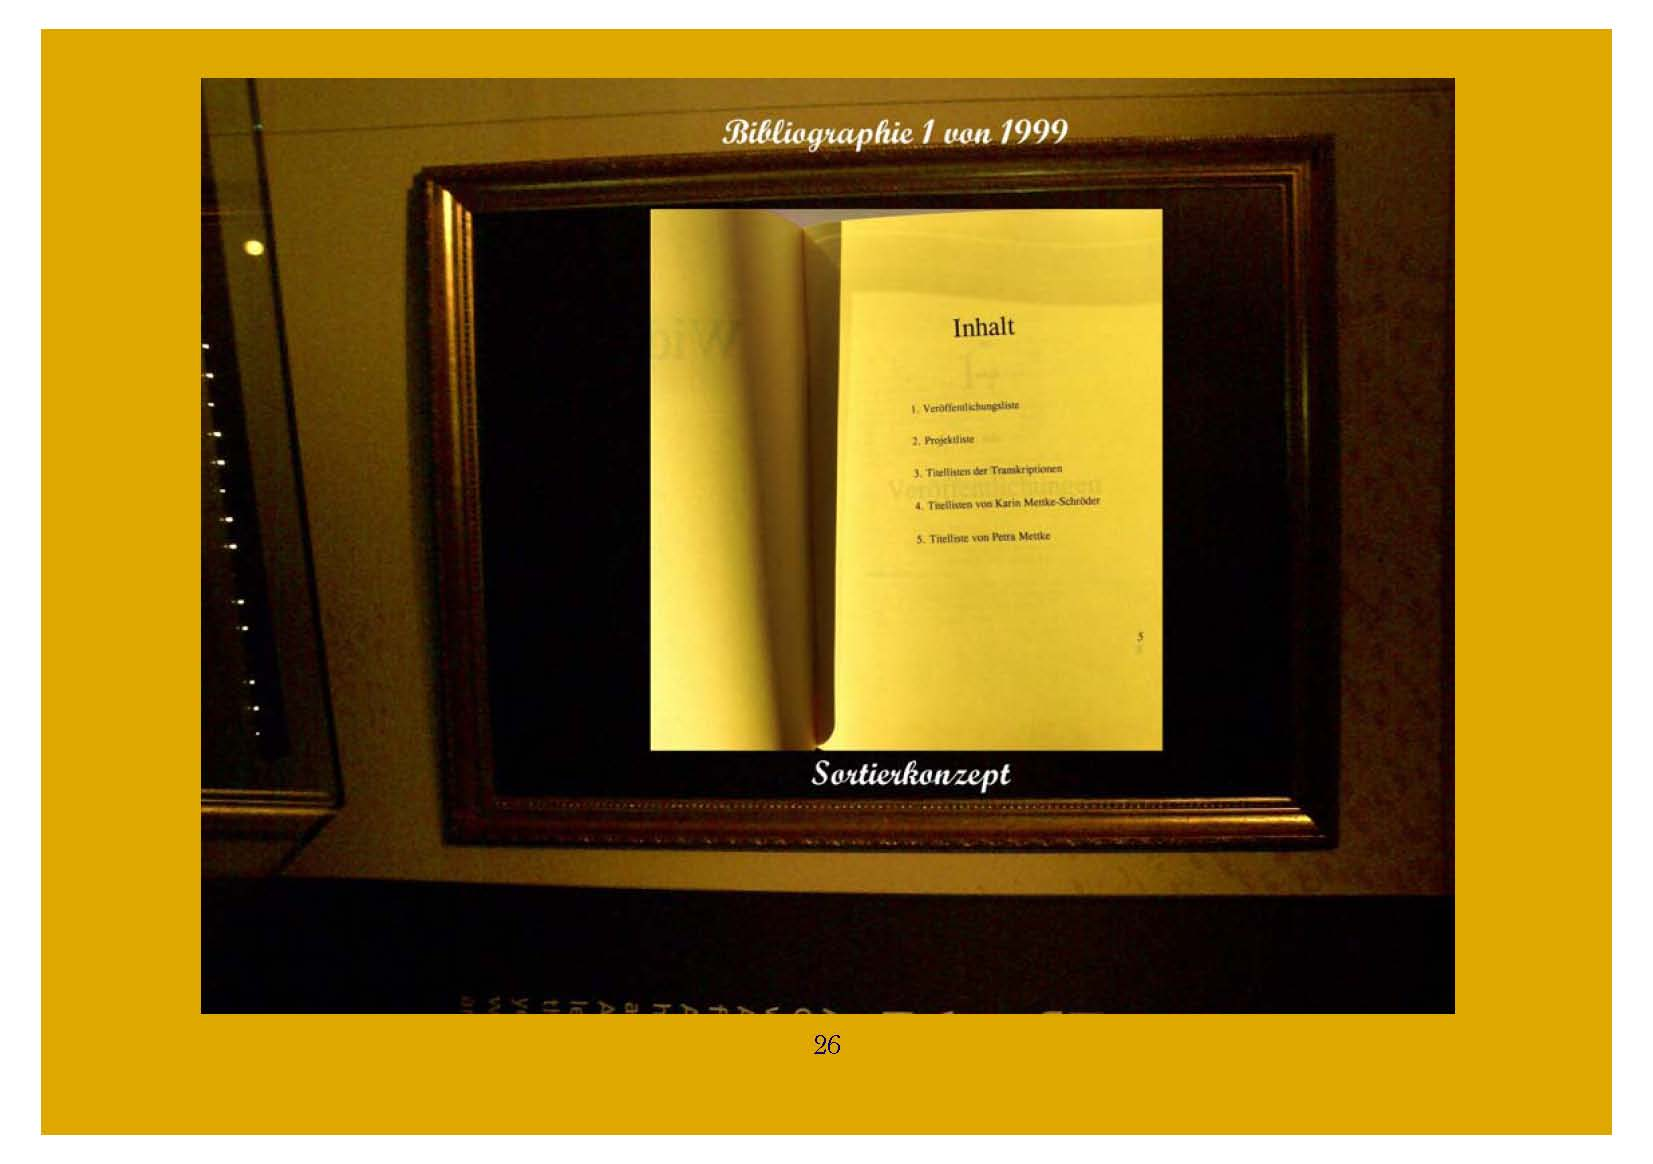 ™Gigabuch-Bibliothek/iAutobiographie Band 16/Bild 1155